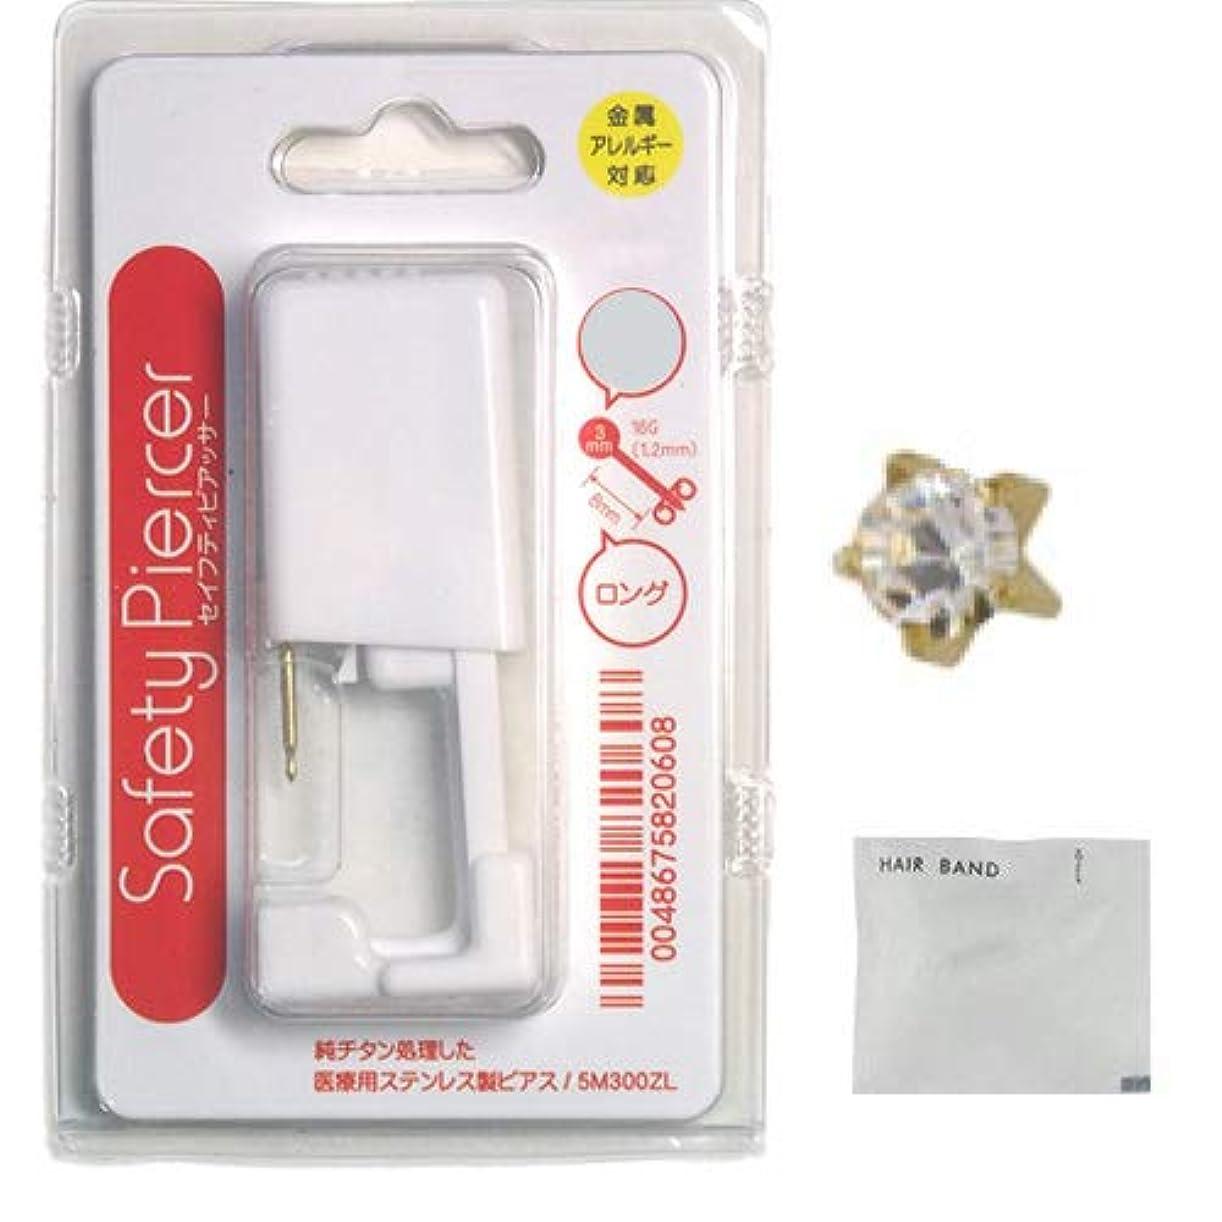 チョーク学期調査セイフティピアッサー シャンパンゴールド チタンロングタイプ(片耳用) 5M104WL 4月ダイヤモンド+ ヘアゴム(カラーはおまかせ)セット